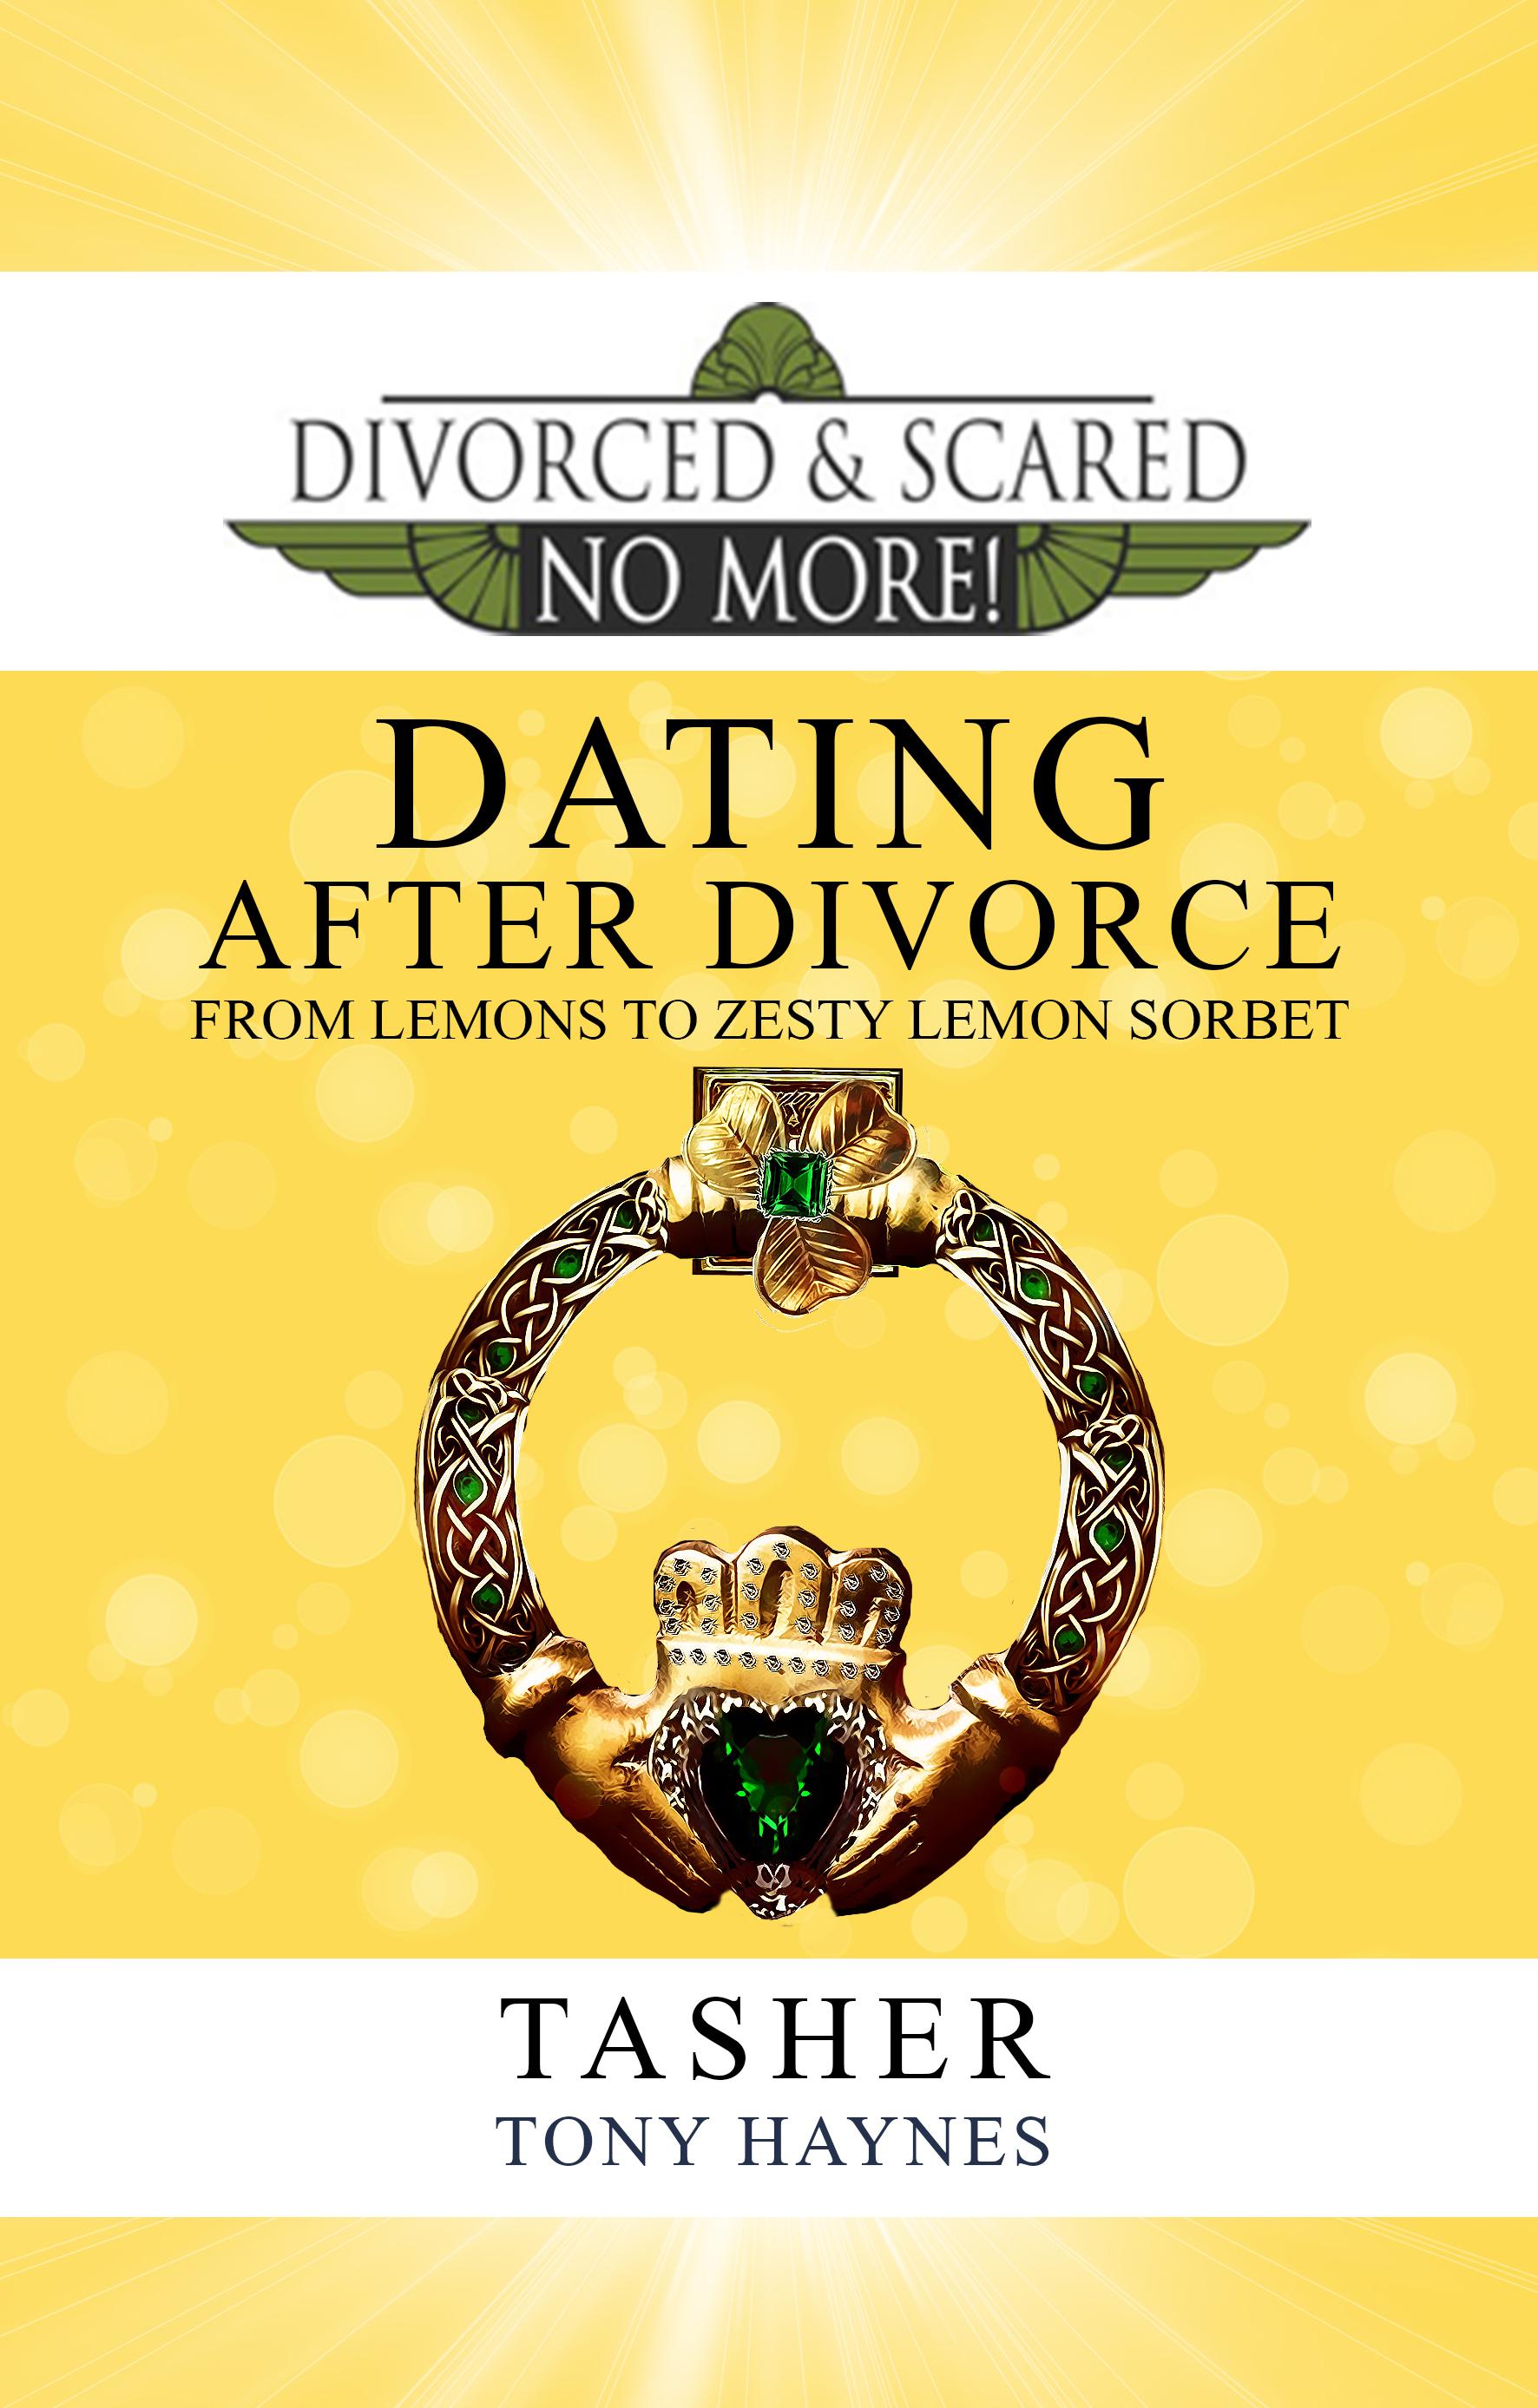 Dating after divorce from lemons to zesty lemon sorbet